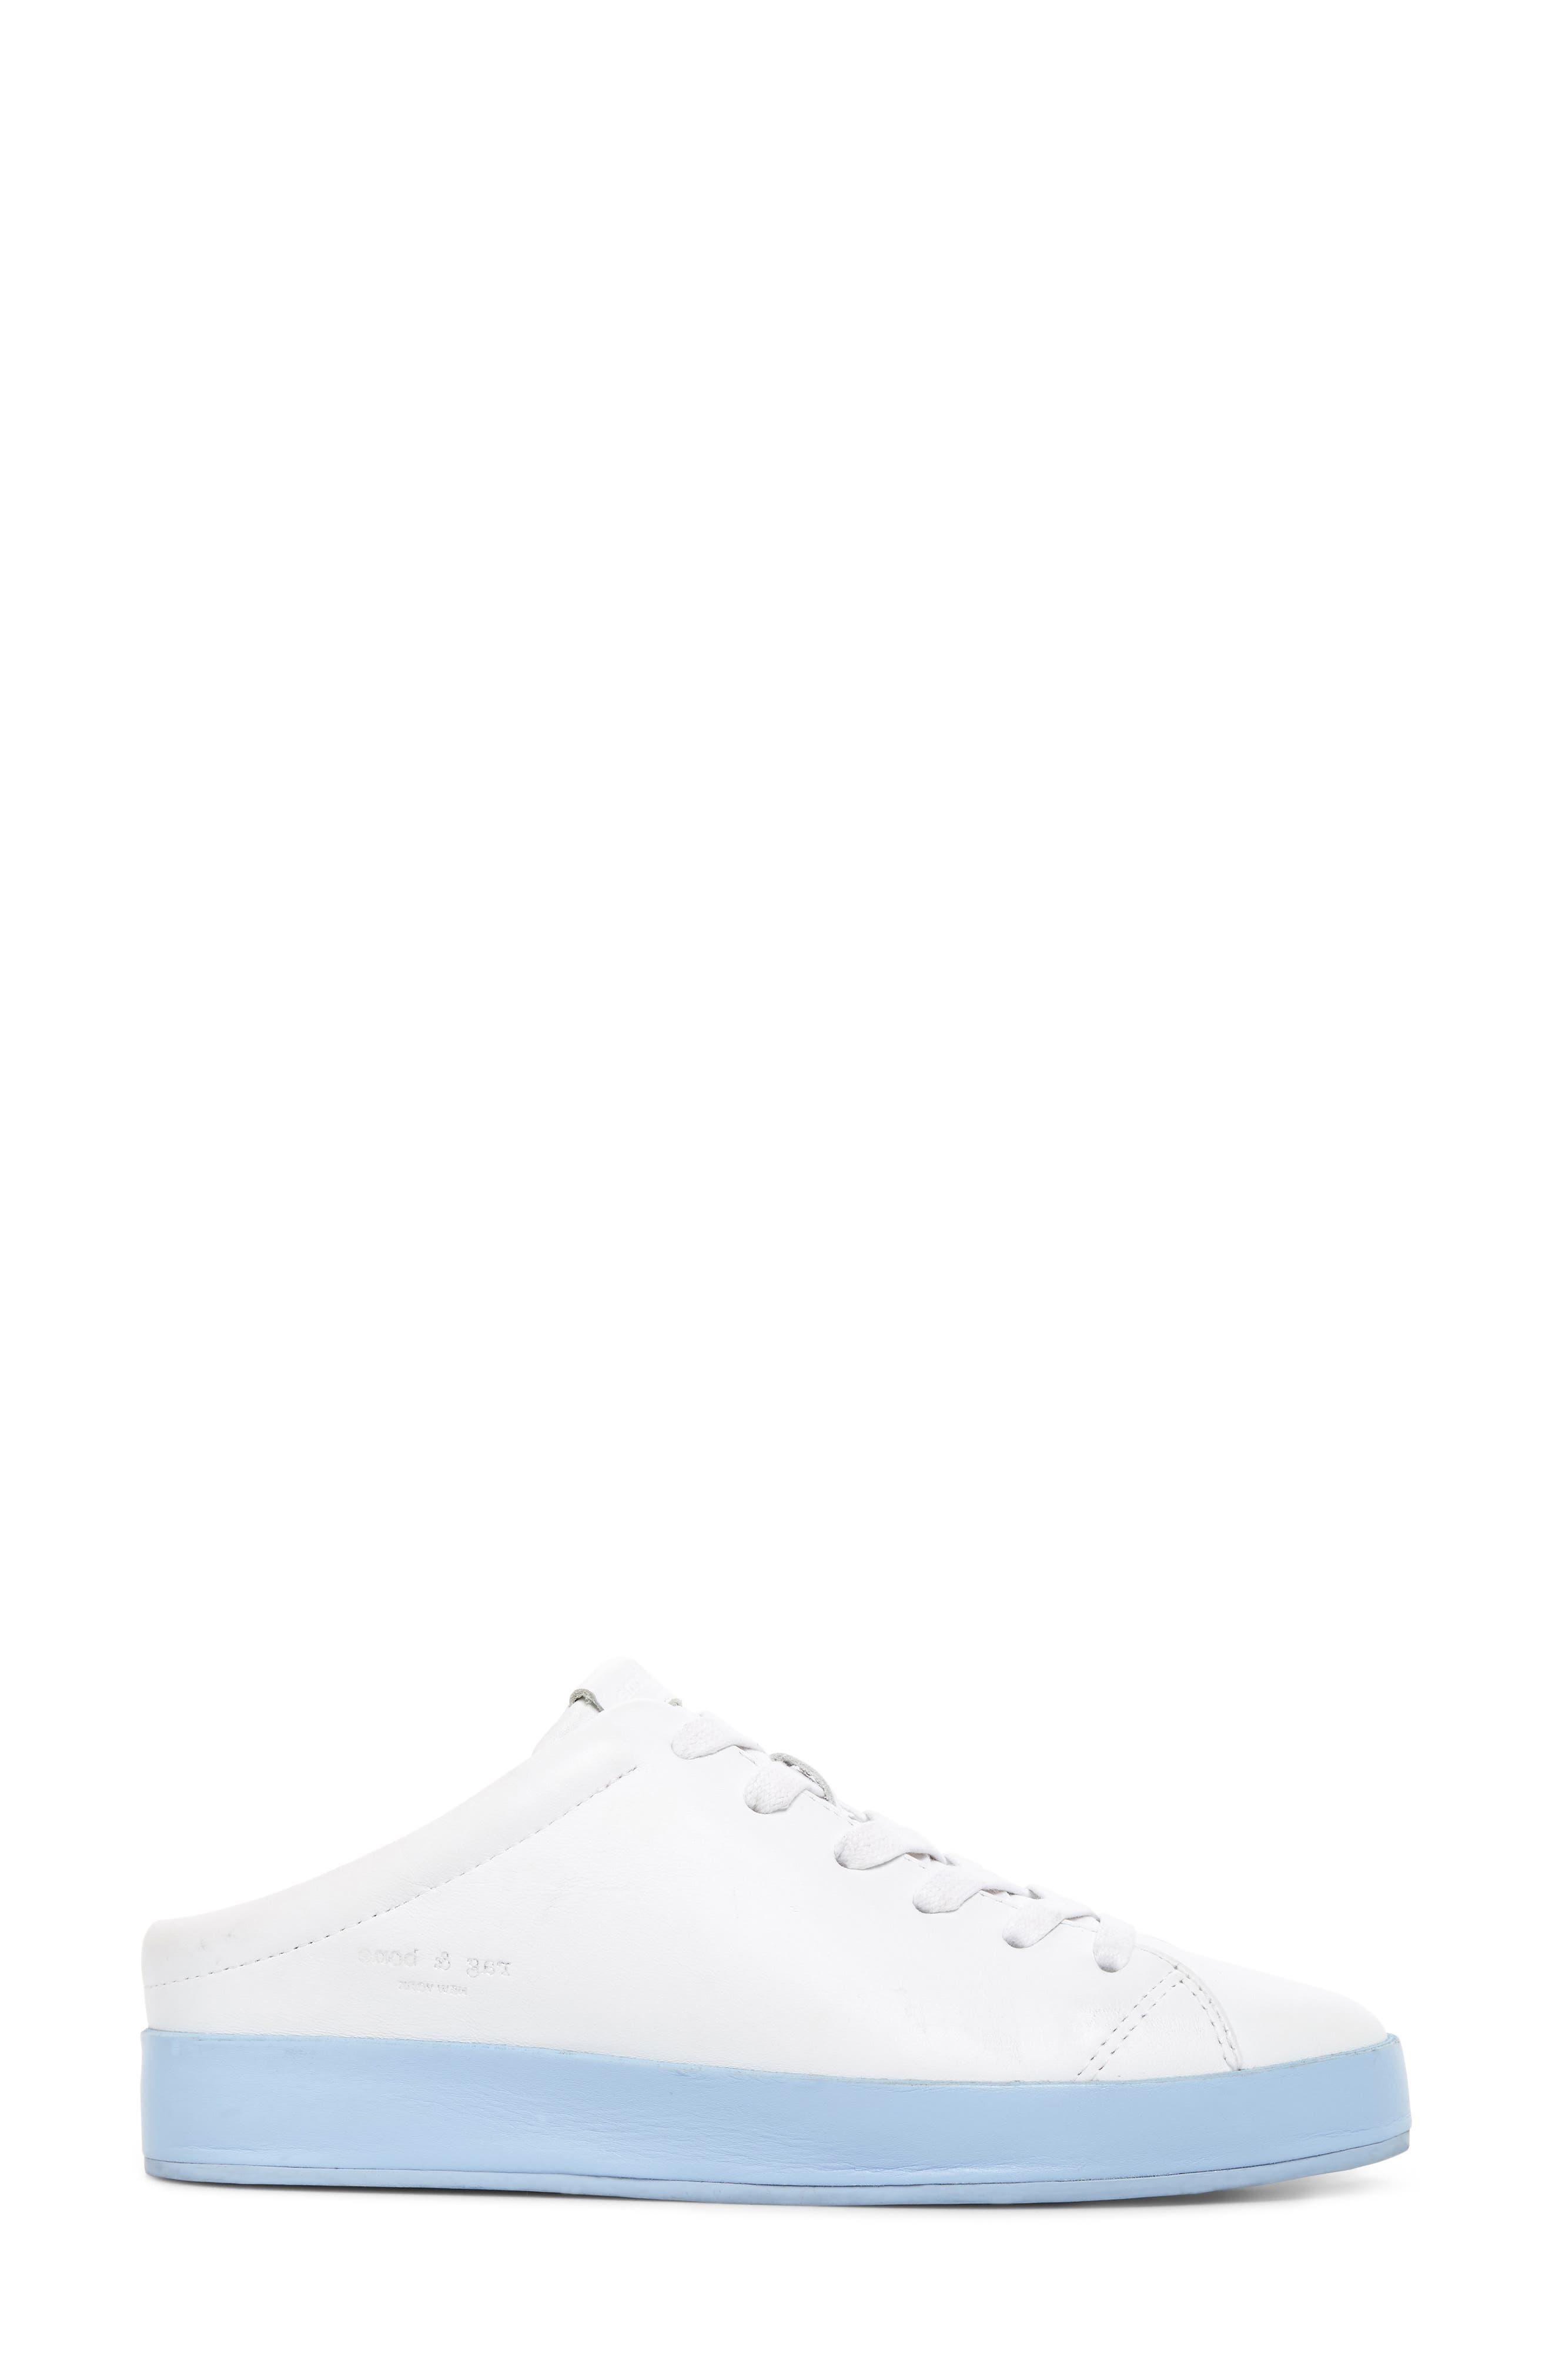 RB1 Slip-On Sneaker,                             Alternate thumbnail 8, color,